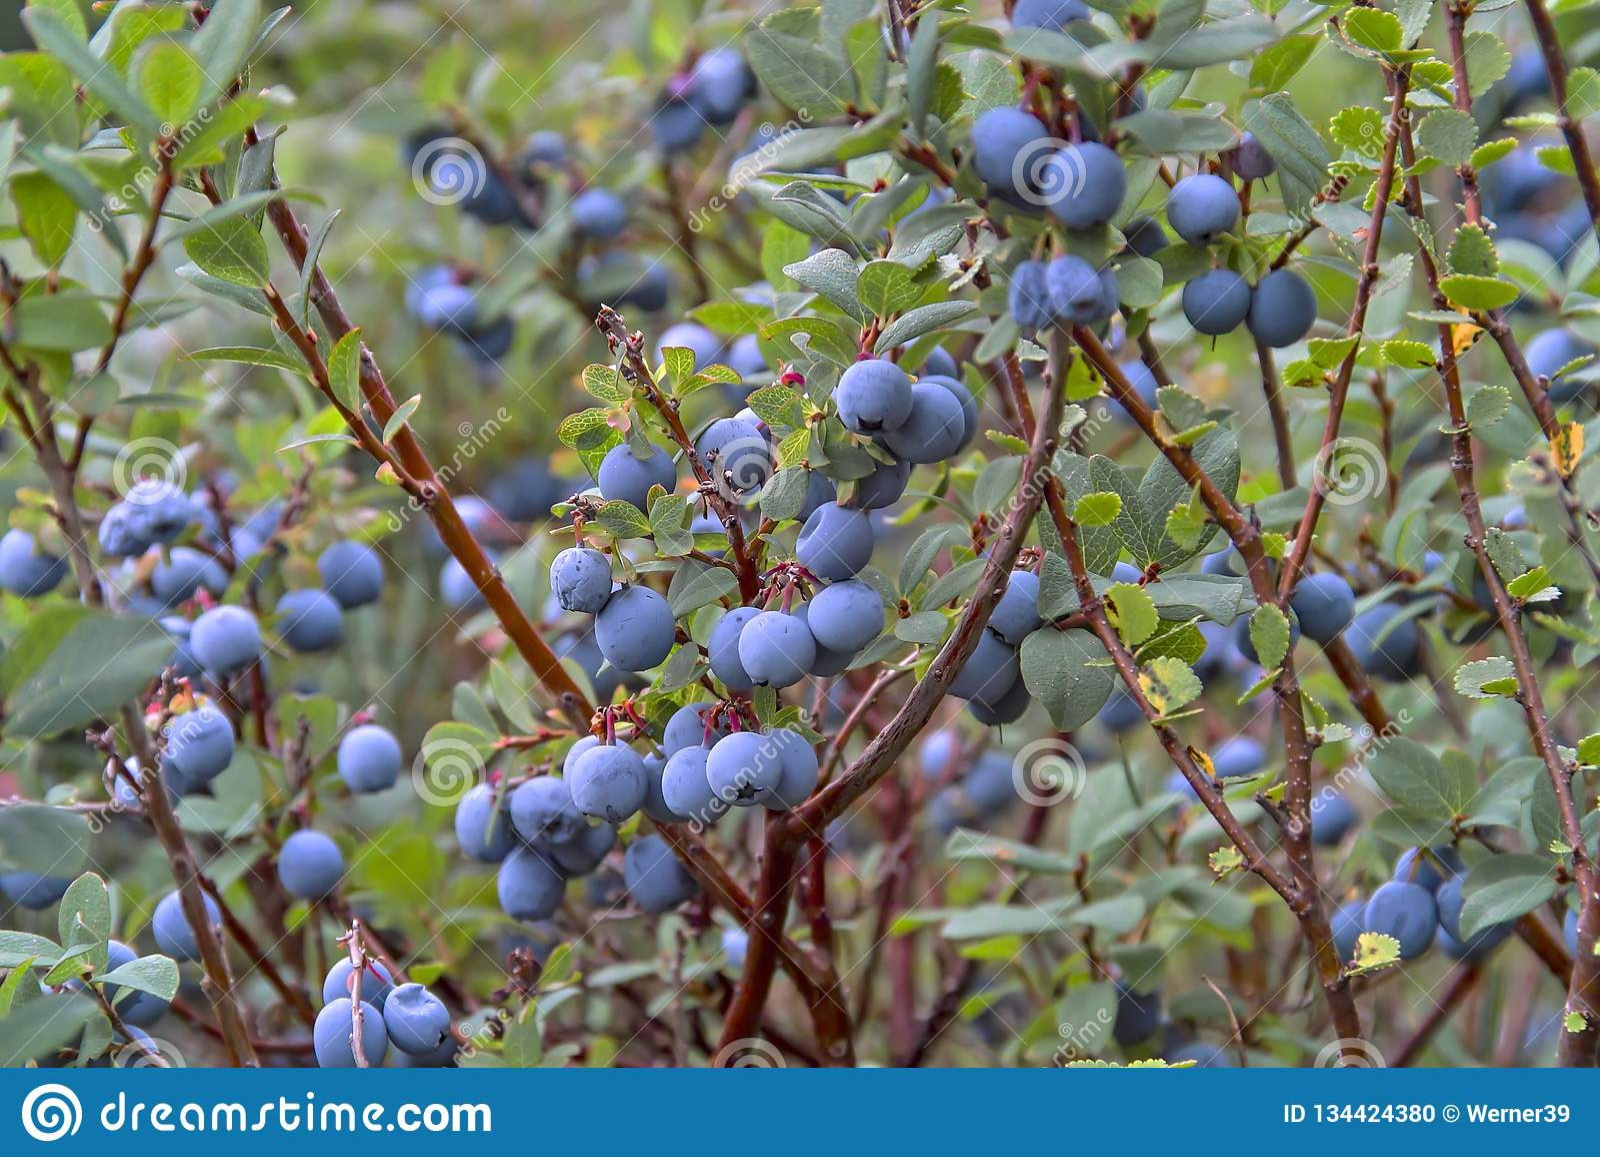 Bog Bilberry, Northern Bilberry, Vaccinium uliginosum, fruits in summer